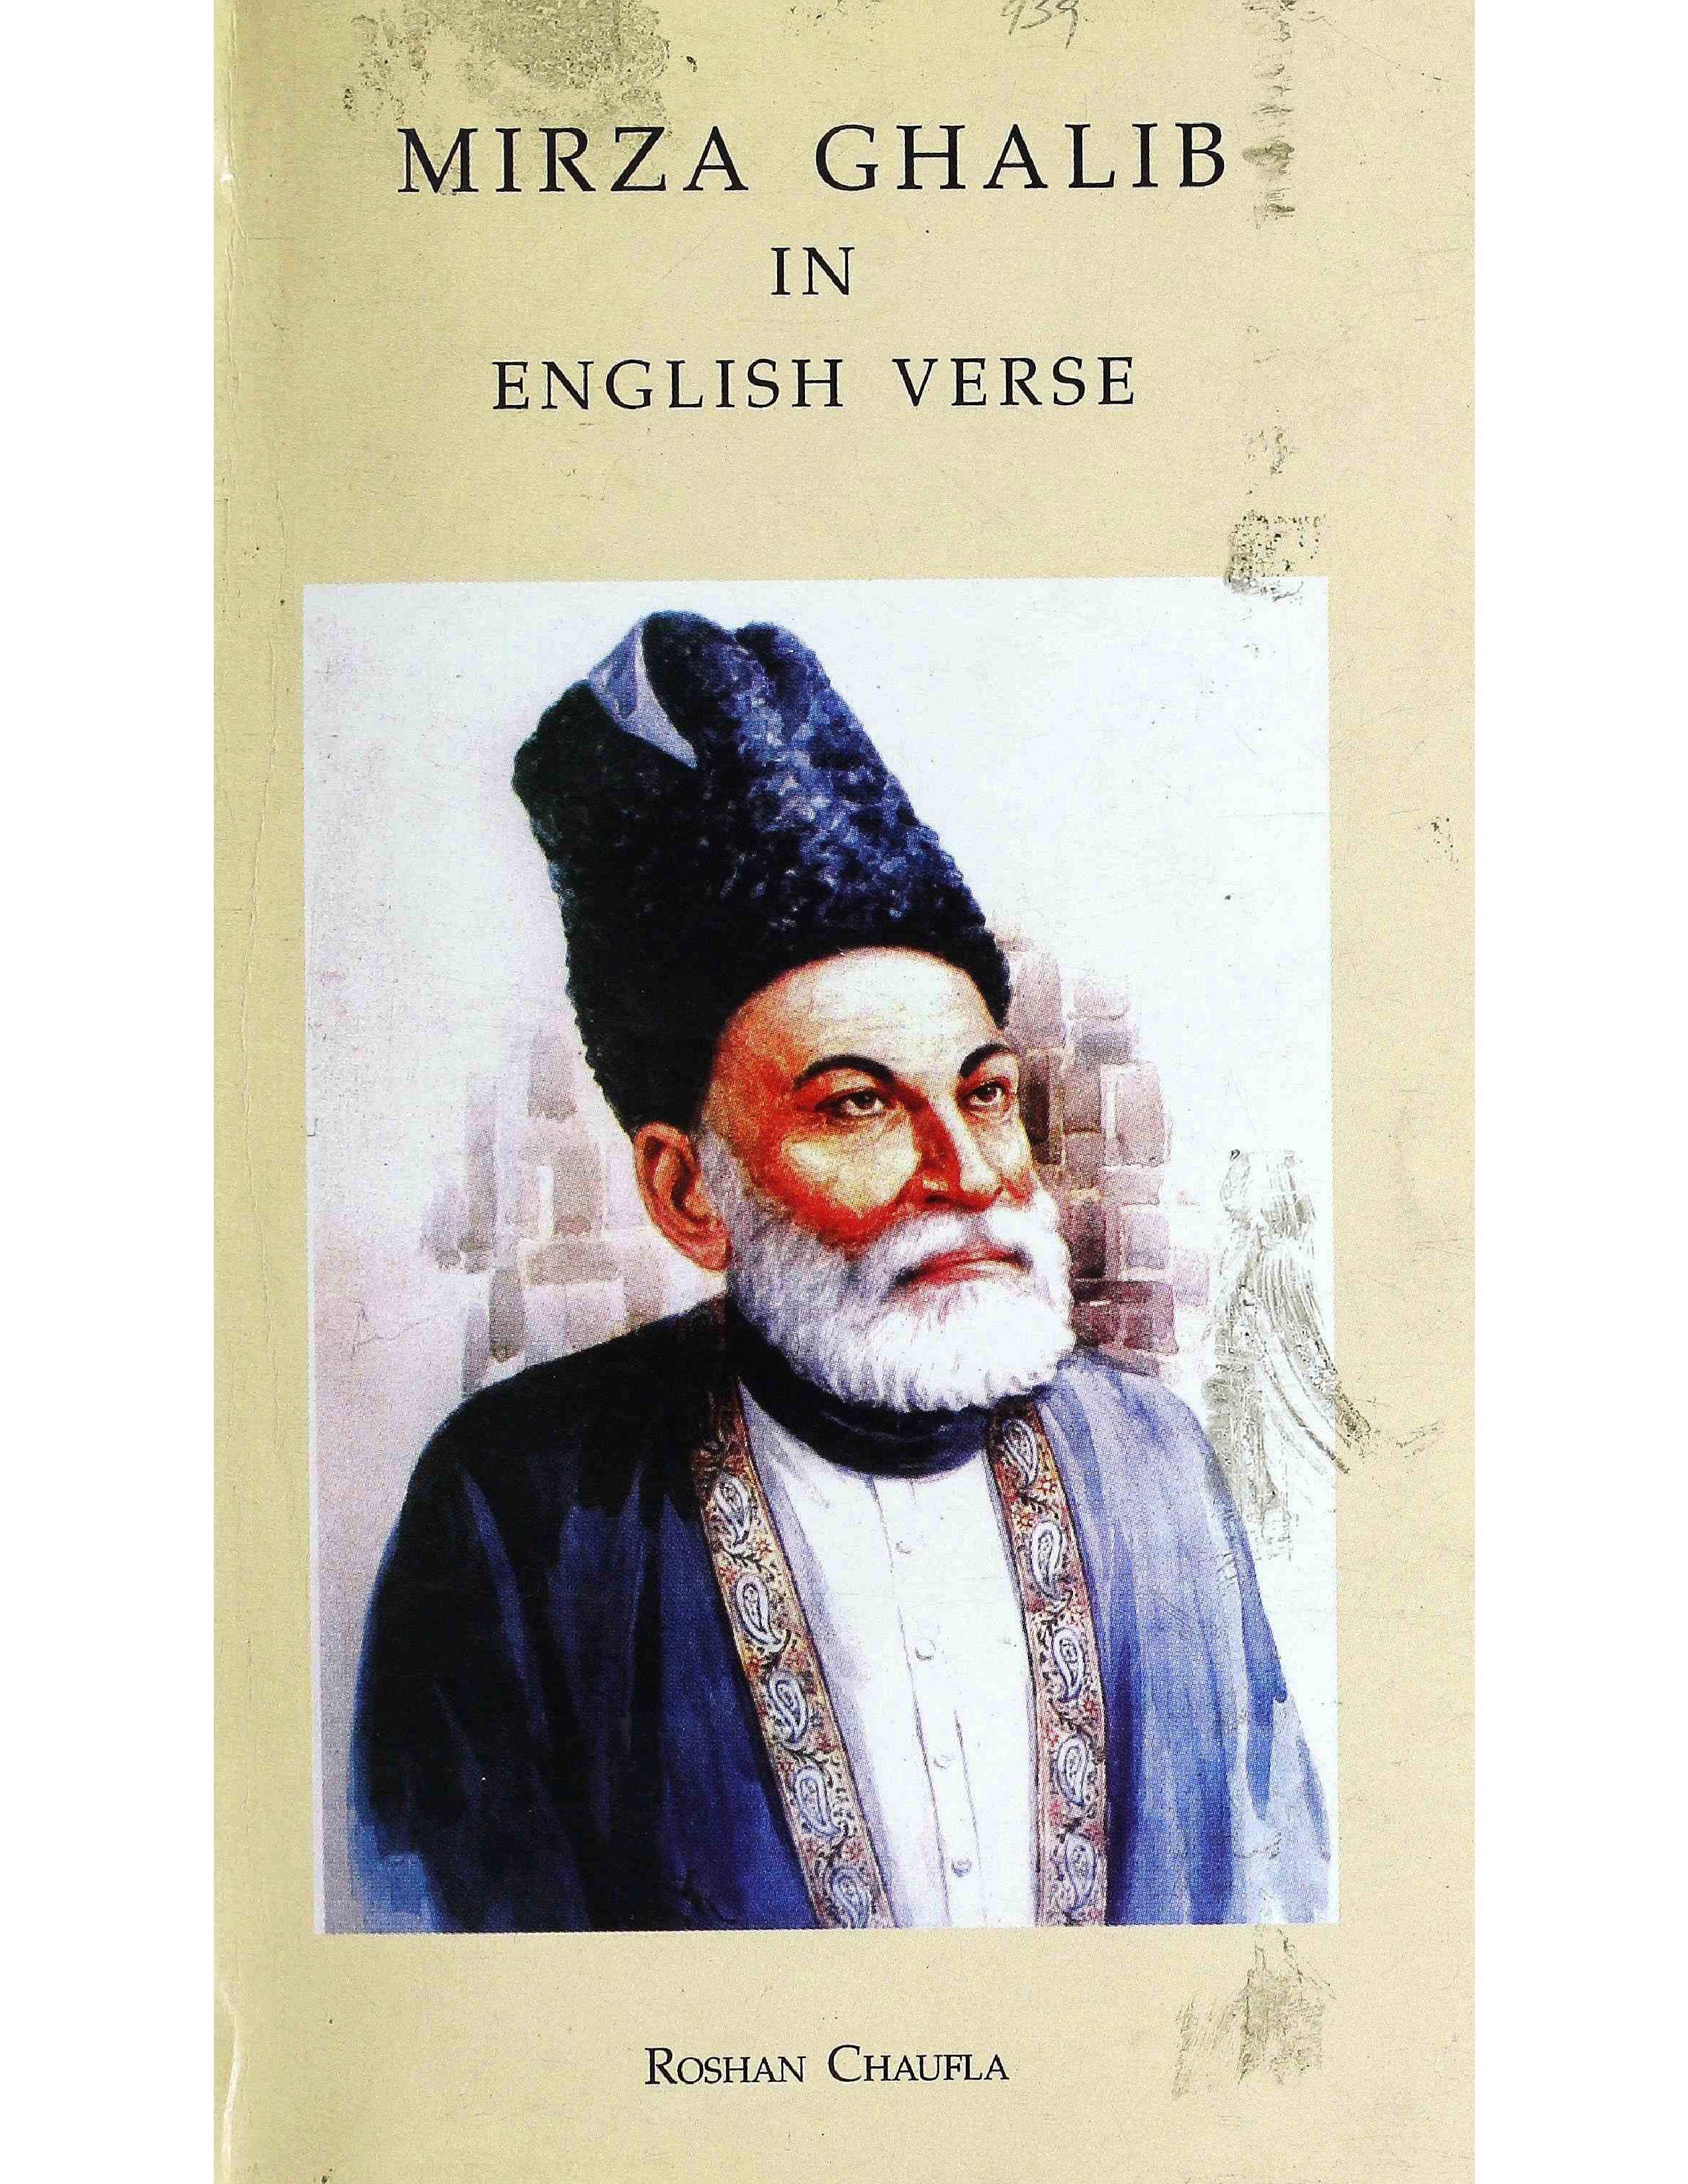 Mirza Ghalib in English Verse